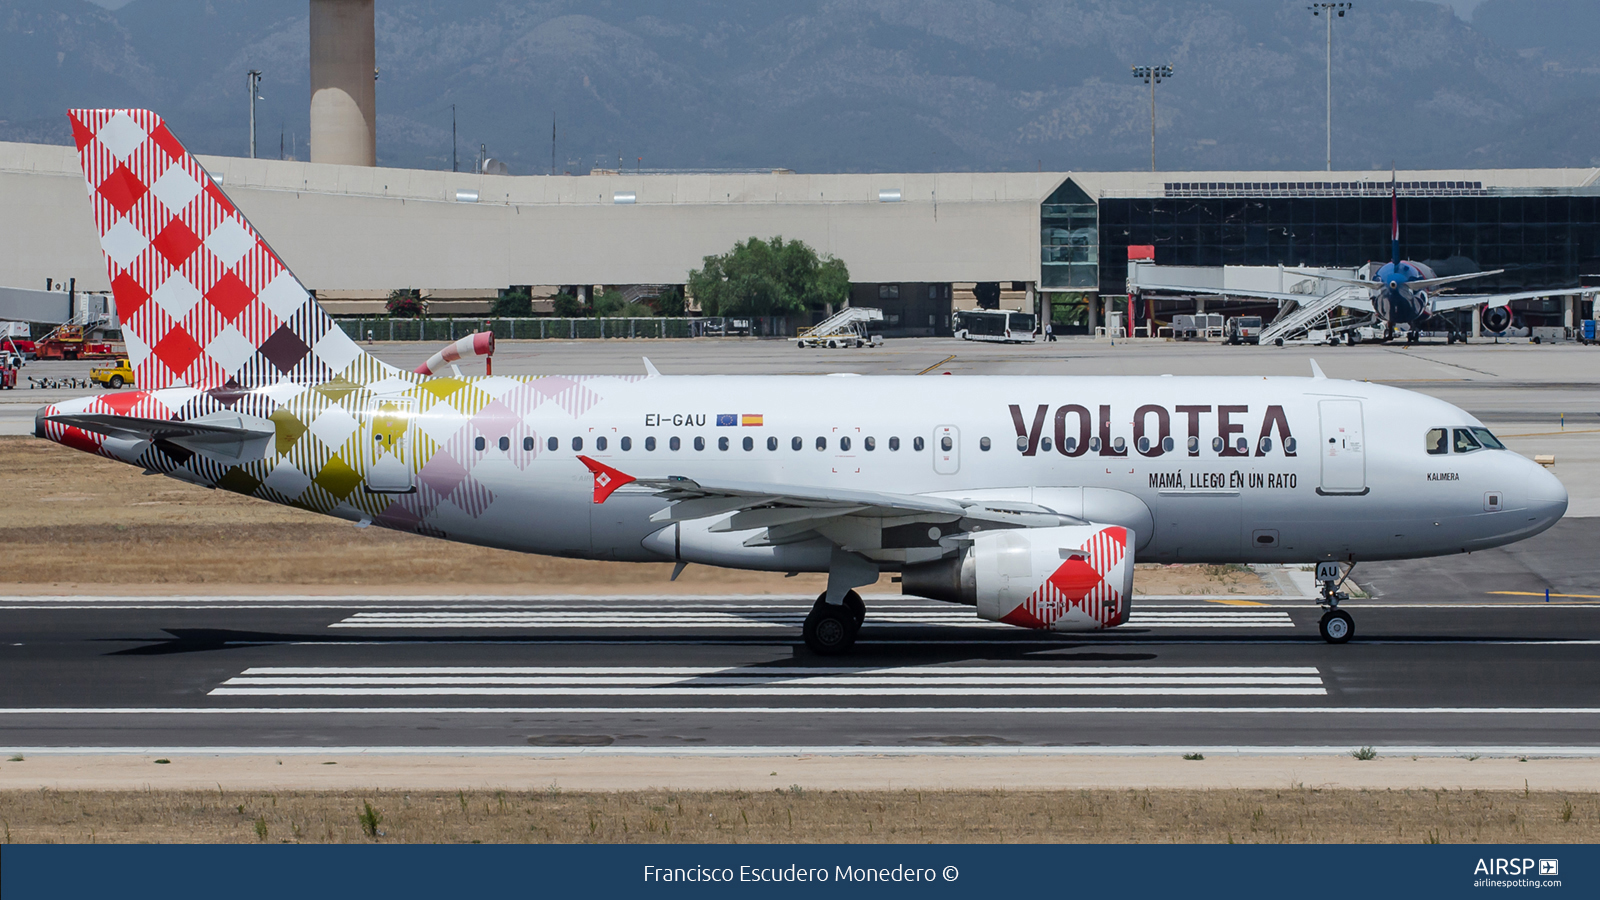 Volotea Airlines  Airbus A319  EI-GAU